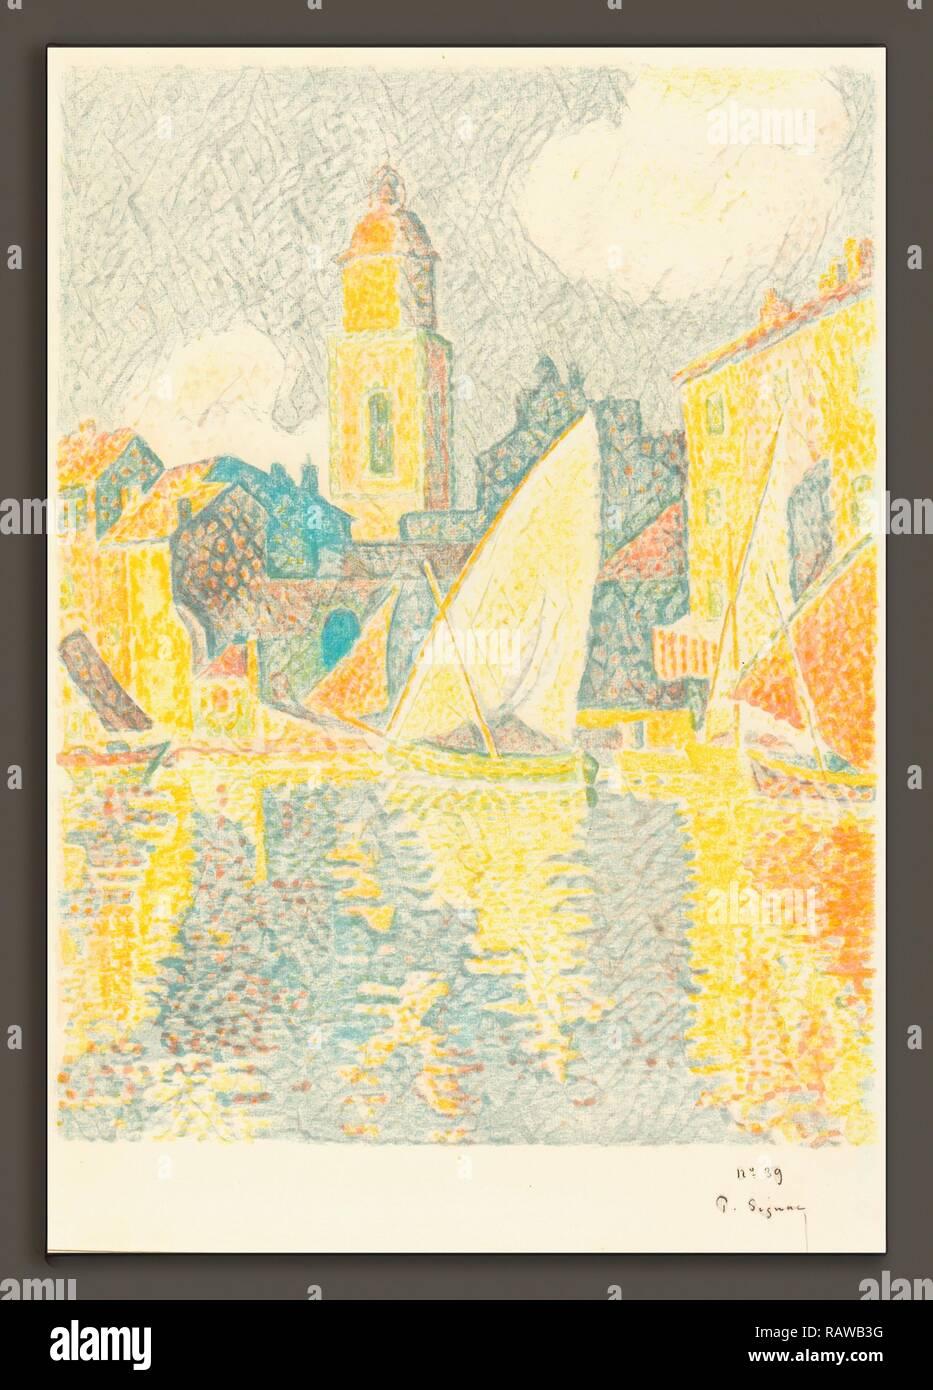 Préféré Paul Signac Saint Tropez Stock Photos & Paul Signac Saint Tropez #VI_19